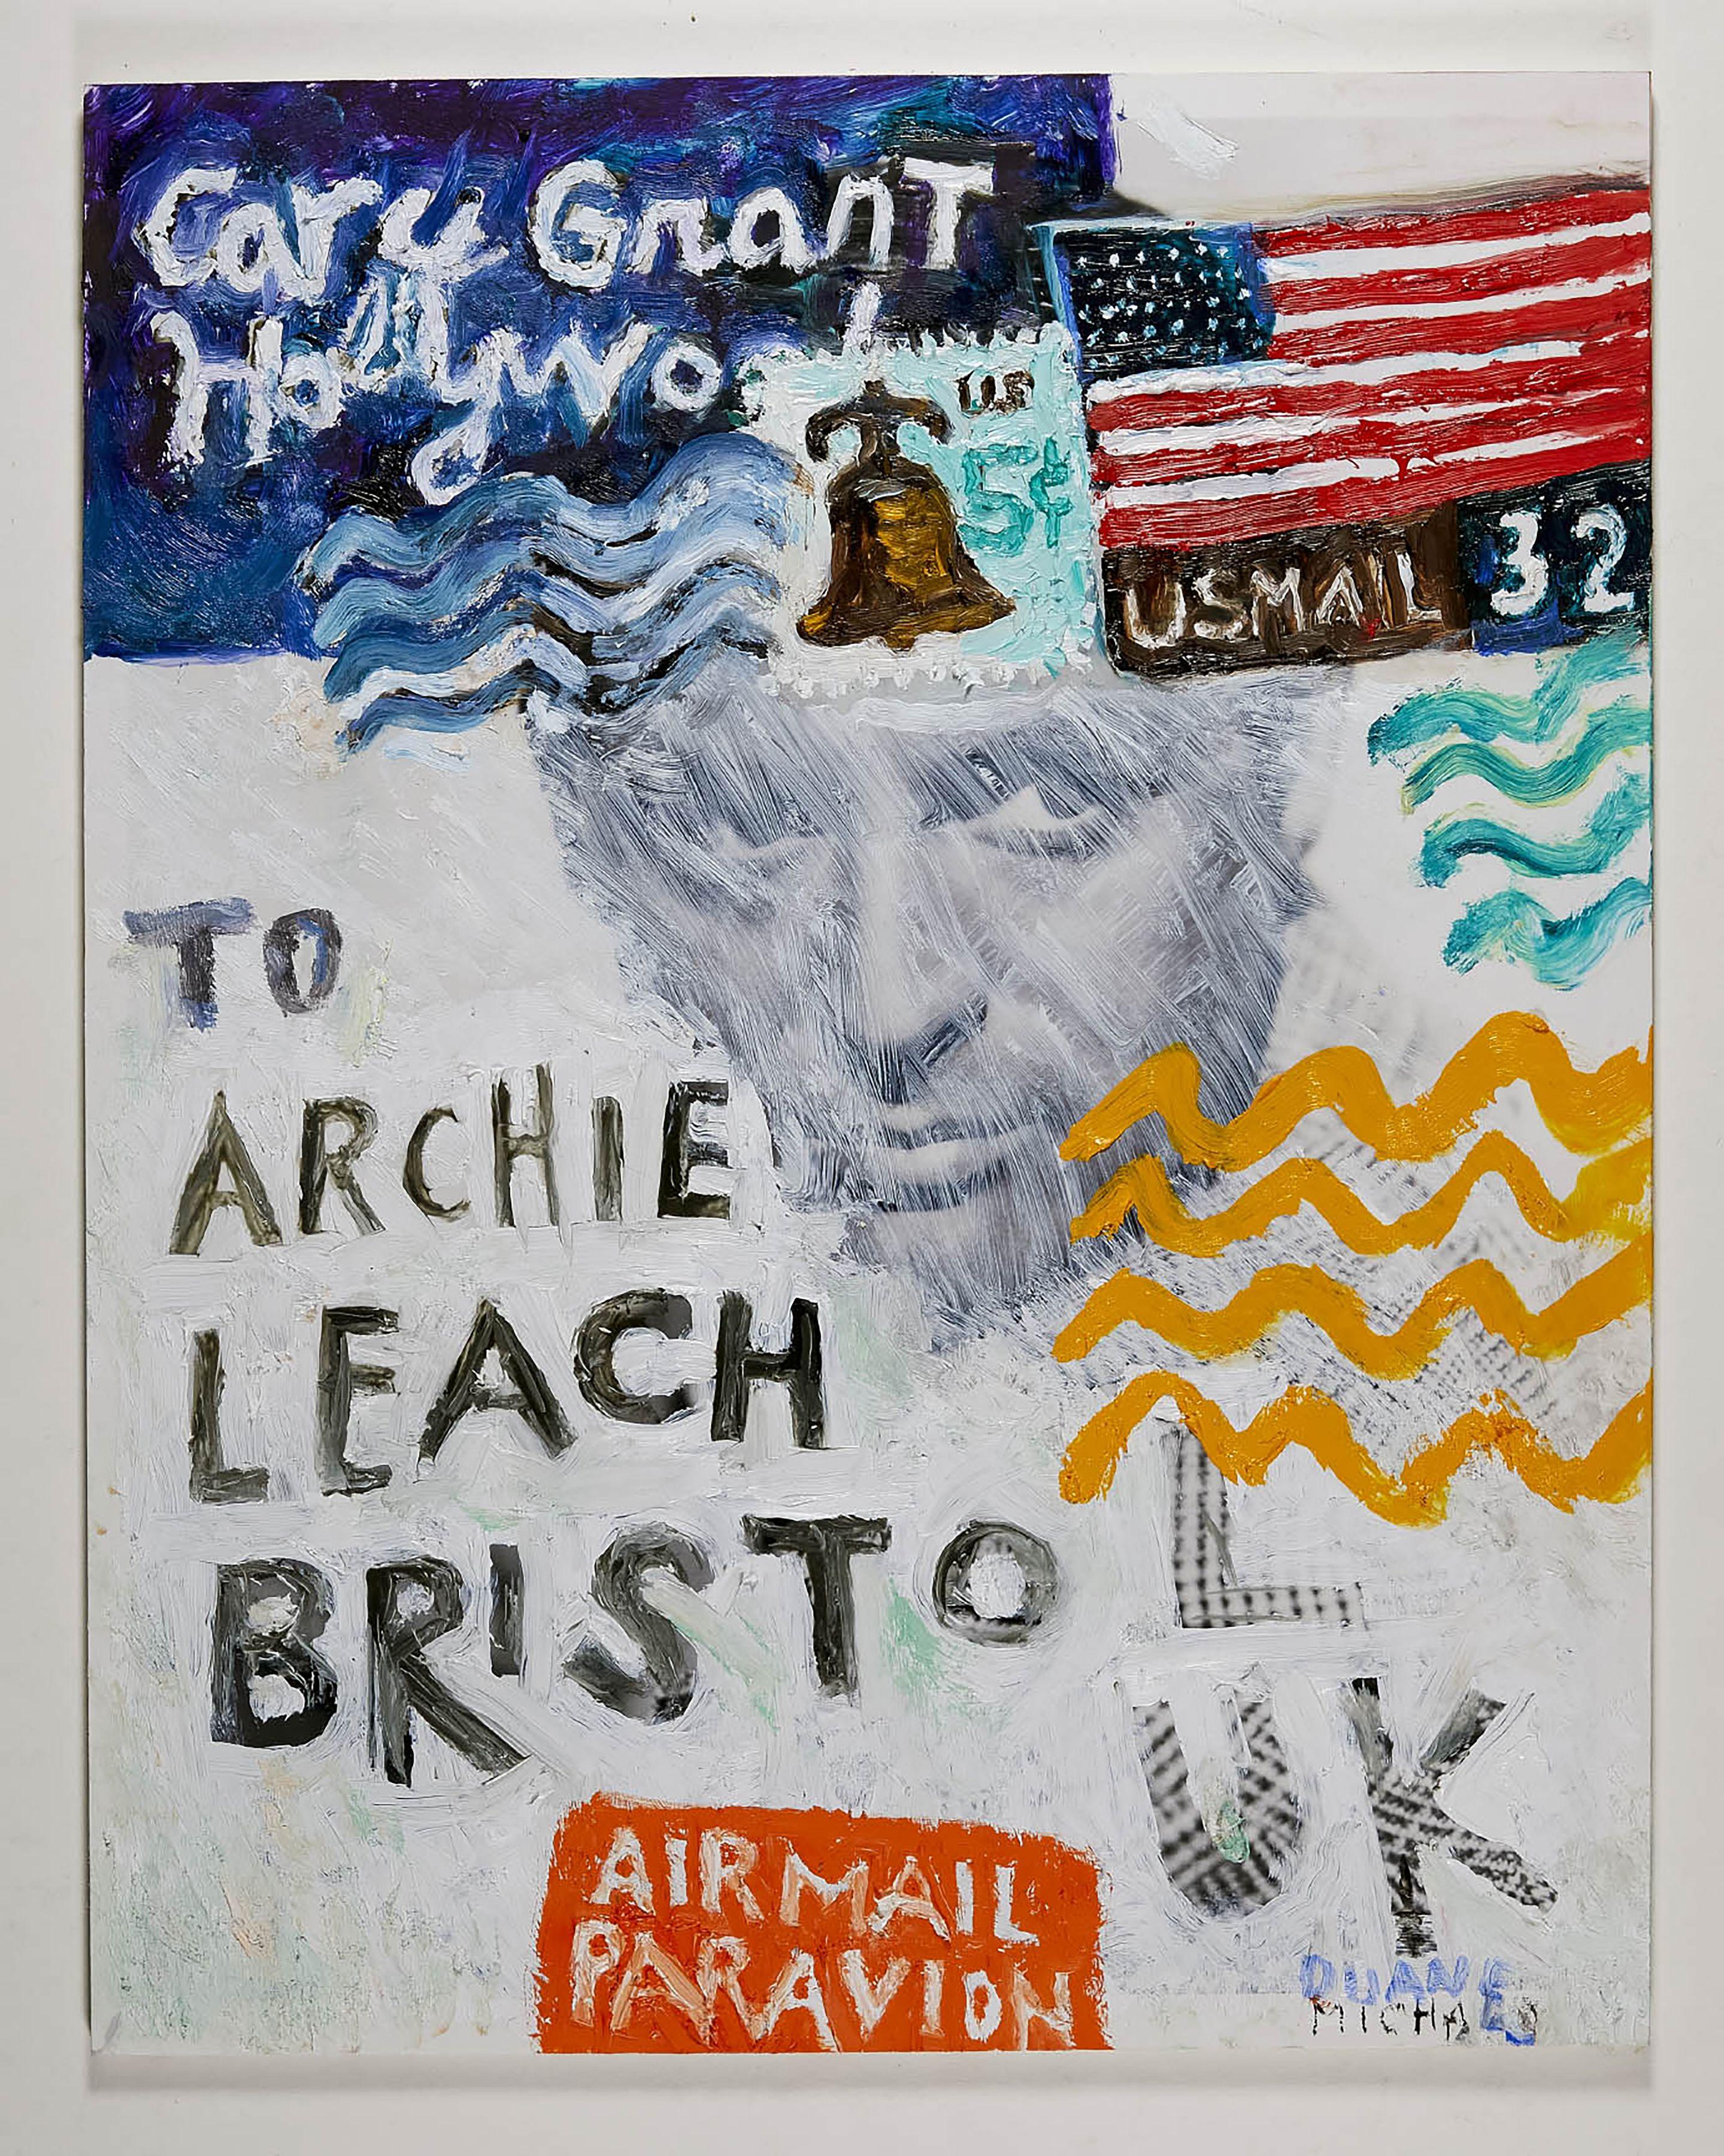 To Archie Leach, Bristol, UK, 2019